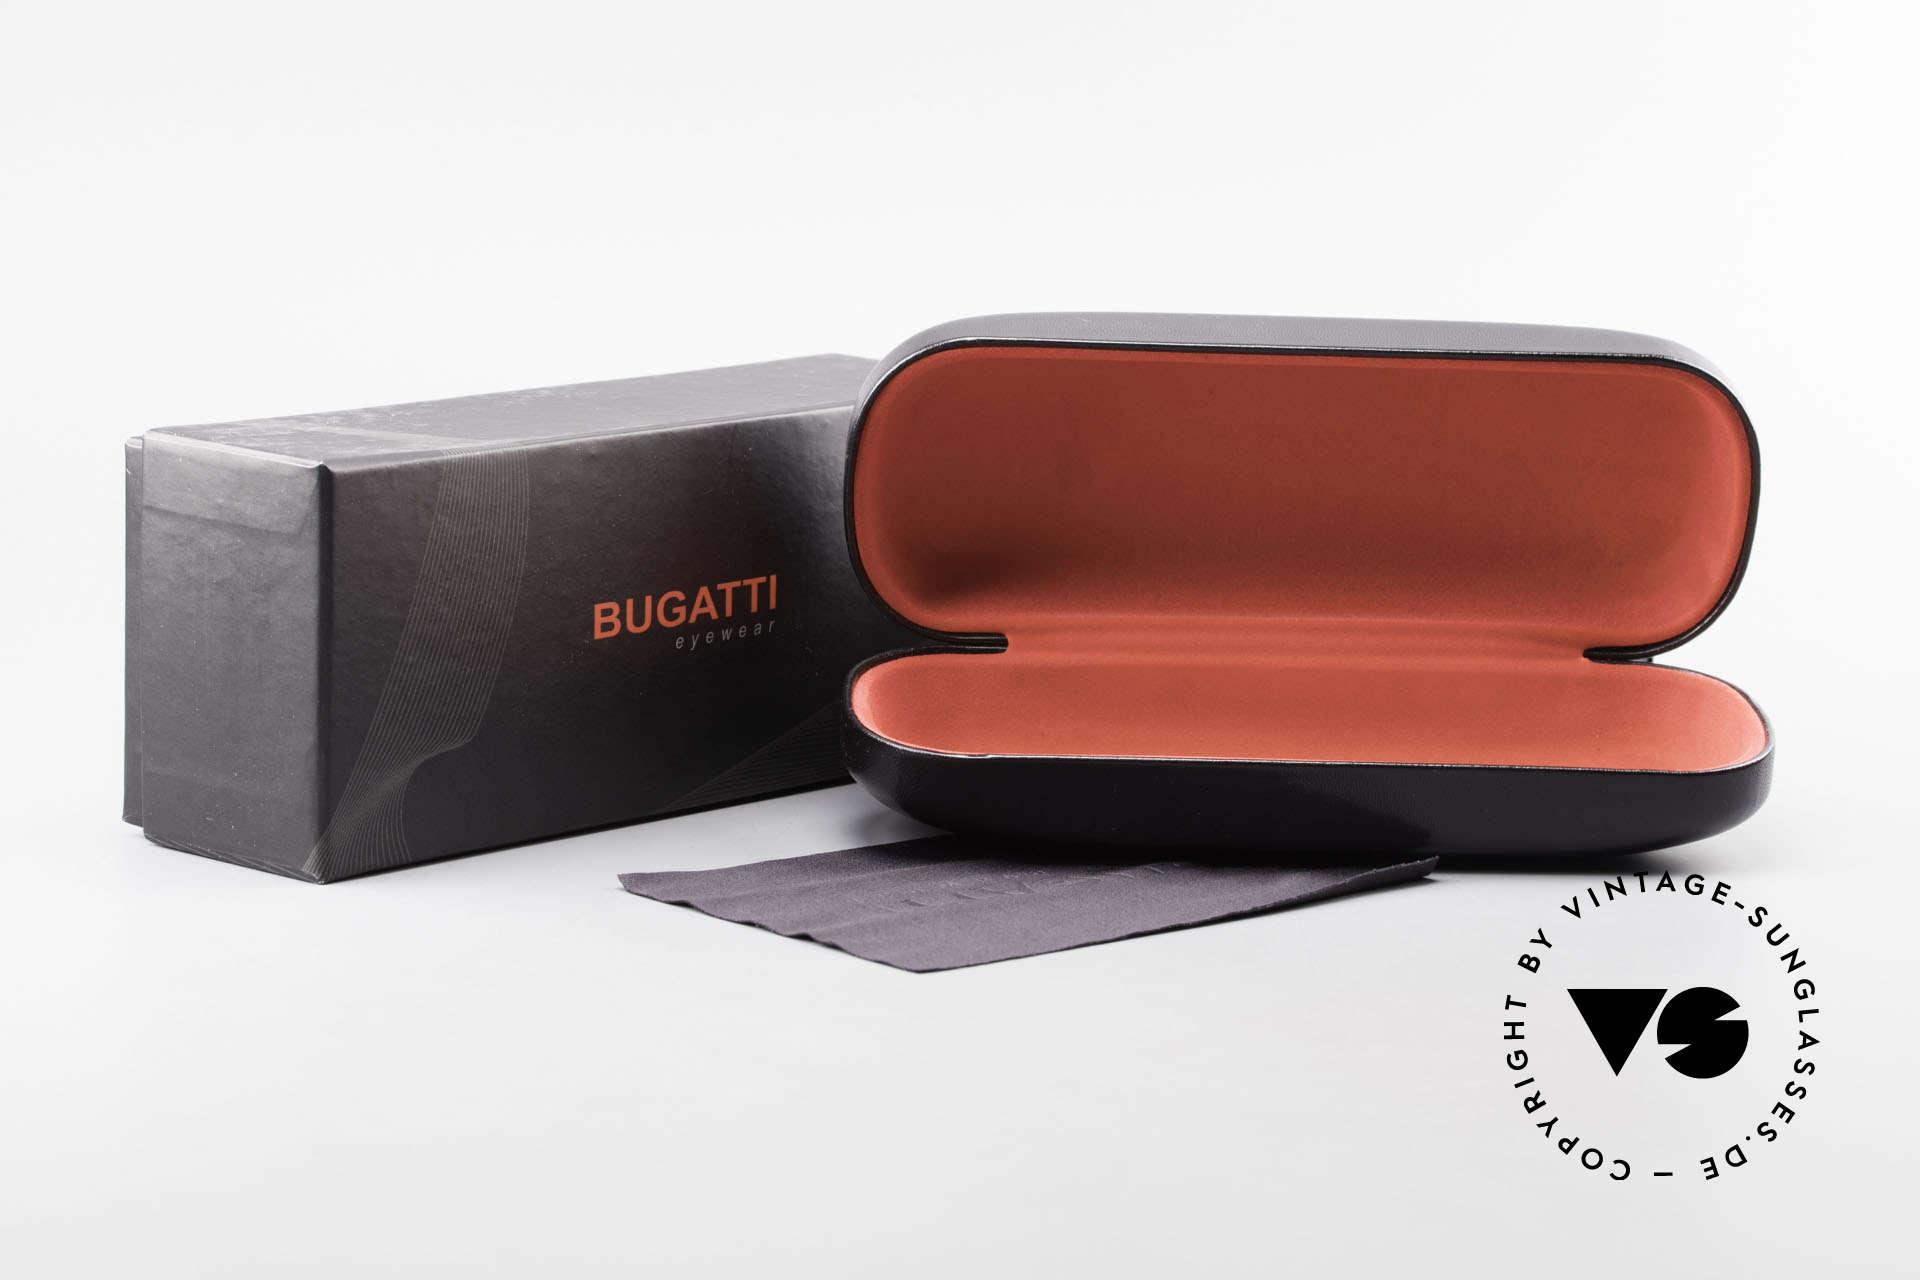 Bugatti 531 Ebenholz Titanium Ruthenium, Größe: medium, Passend für Herren